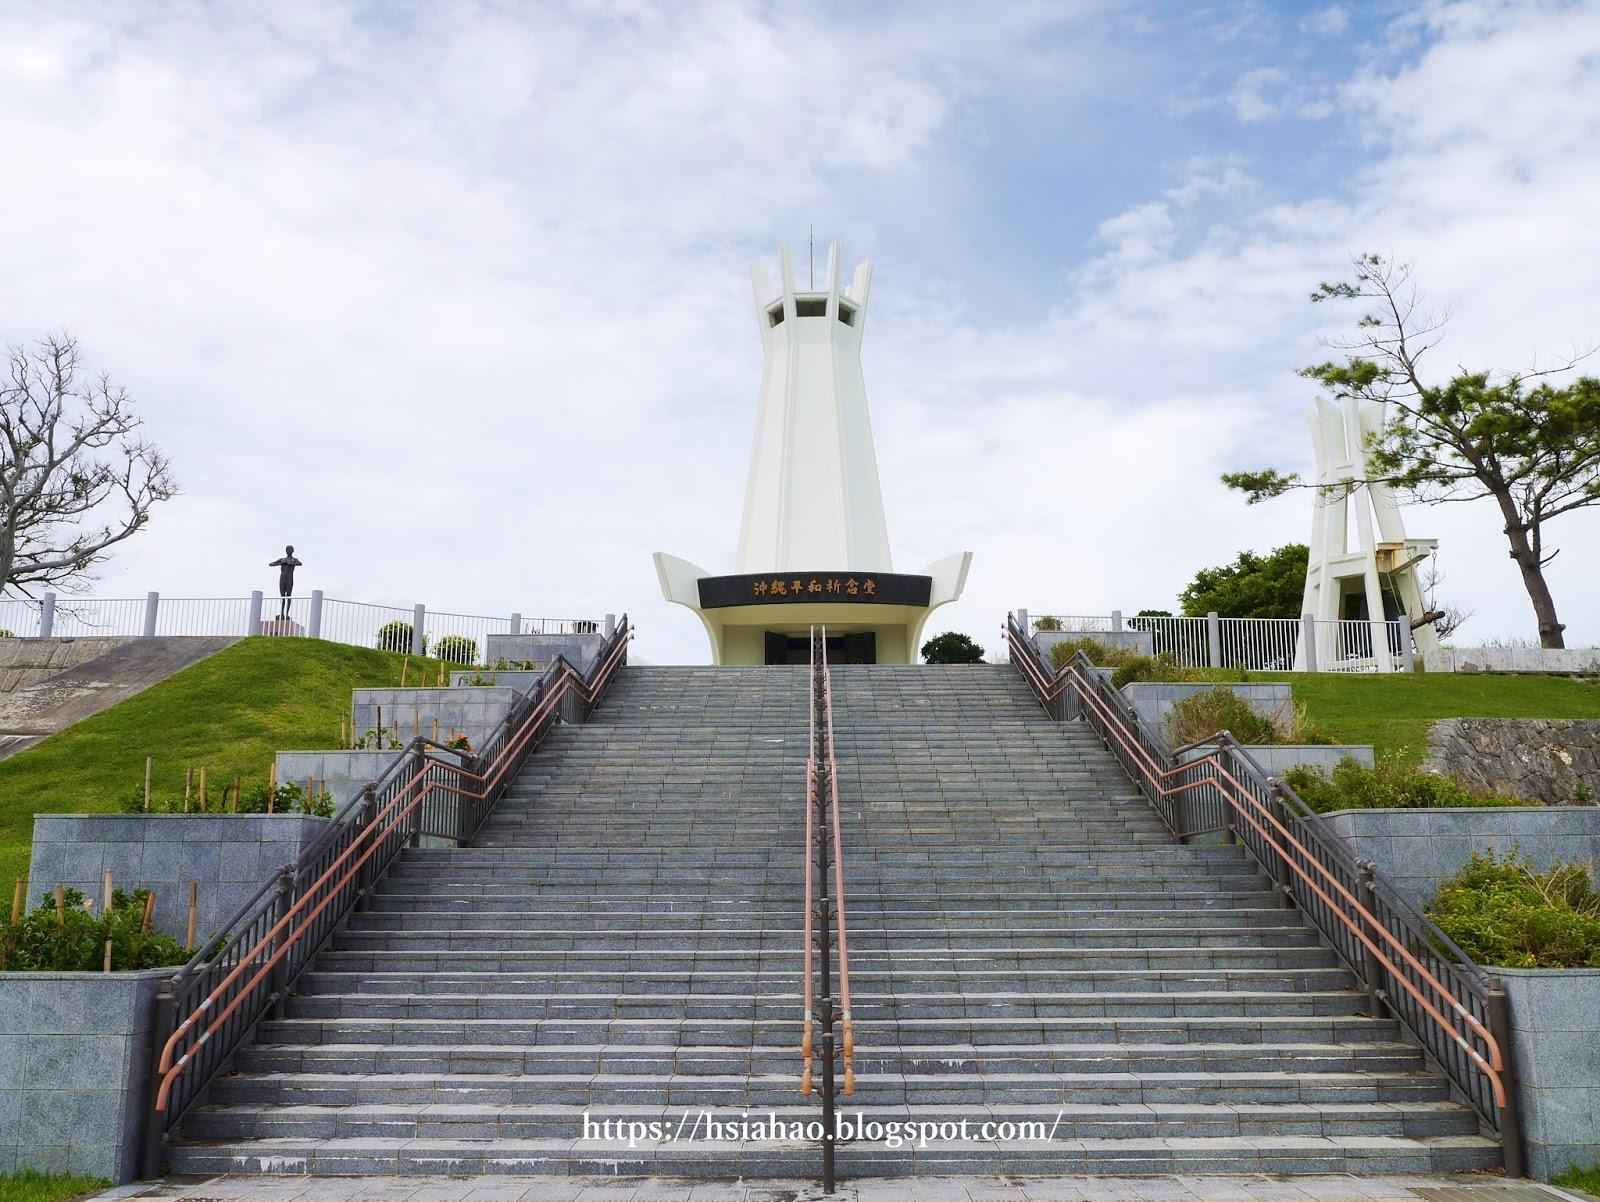 沖繩-那霸-景點-姬百合之塔-自由行-旅遊-Okinawa-Himeyuri-no-to